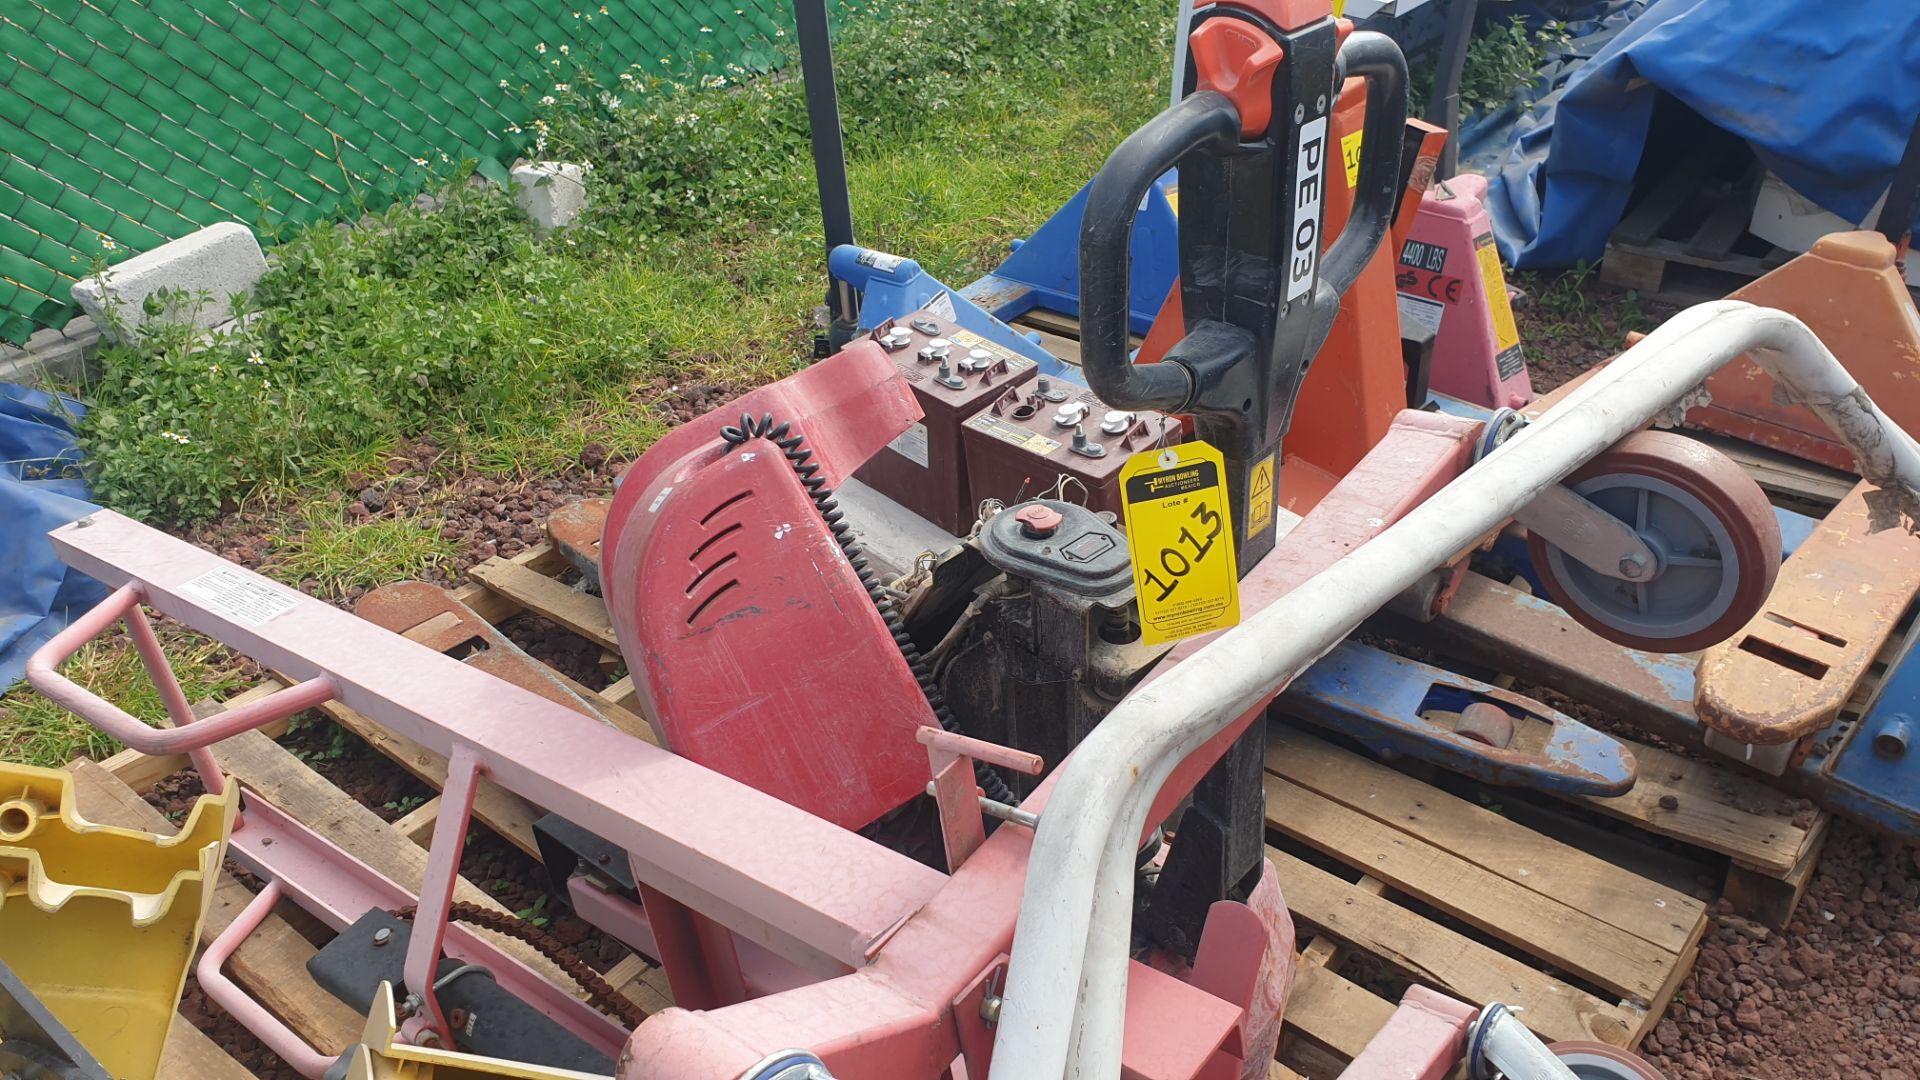 2 HYSTER lift pallet truck model W45ZHD 24 V , 1 DAYTON lift pallet truck model 21XV82 - Image 8 of 21